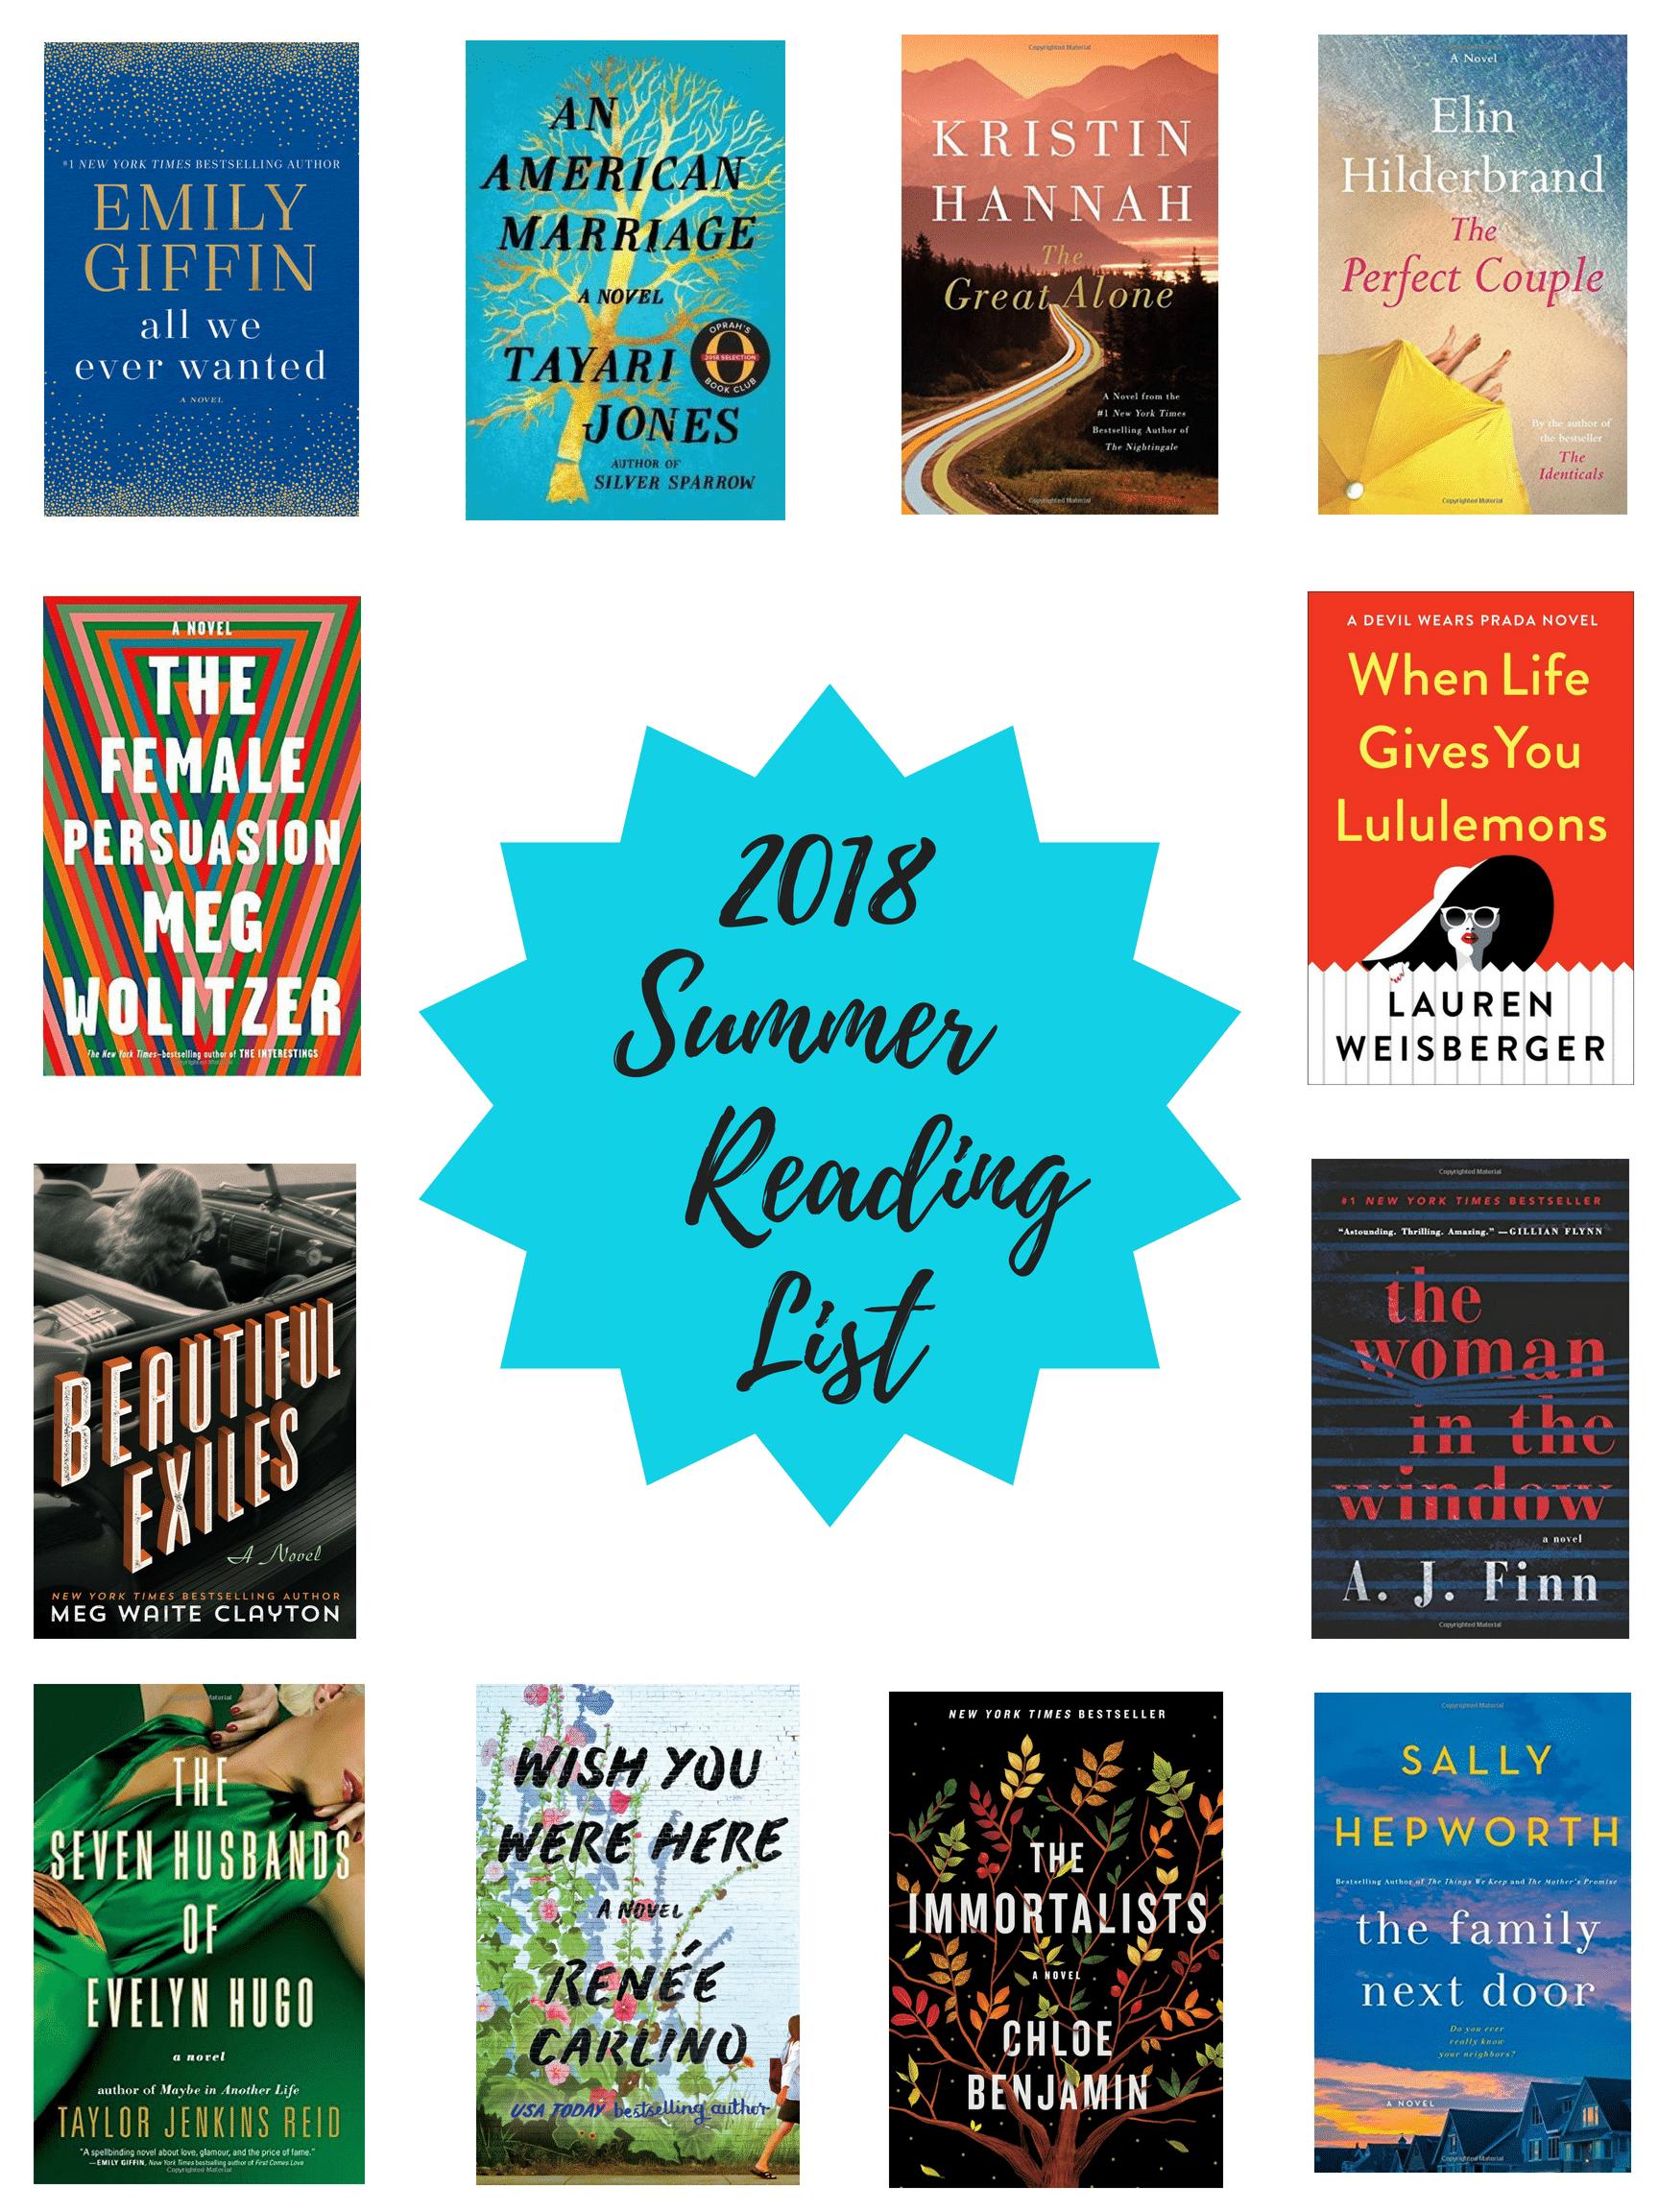 2018 Summer Reading List - Summer Reading List 2018